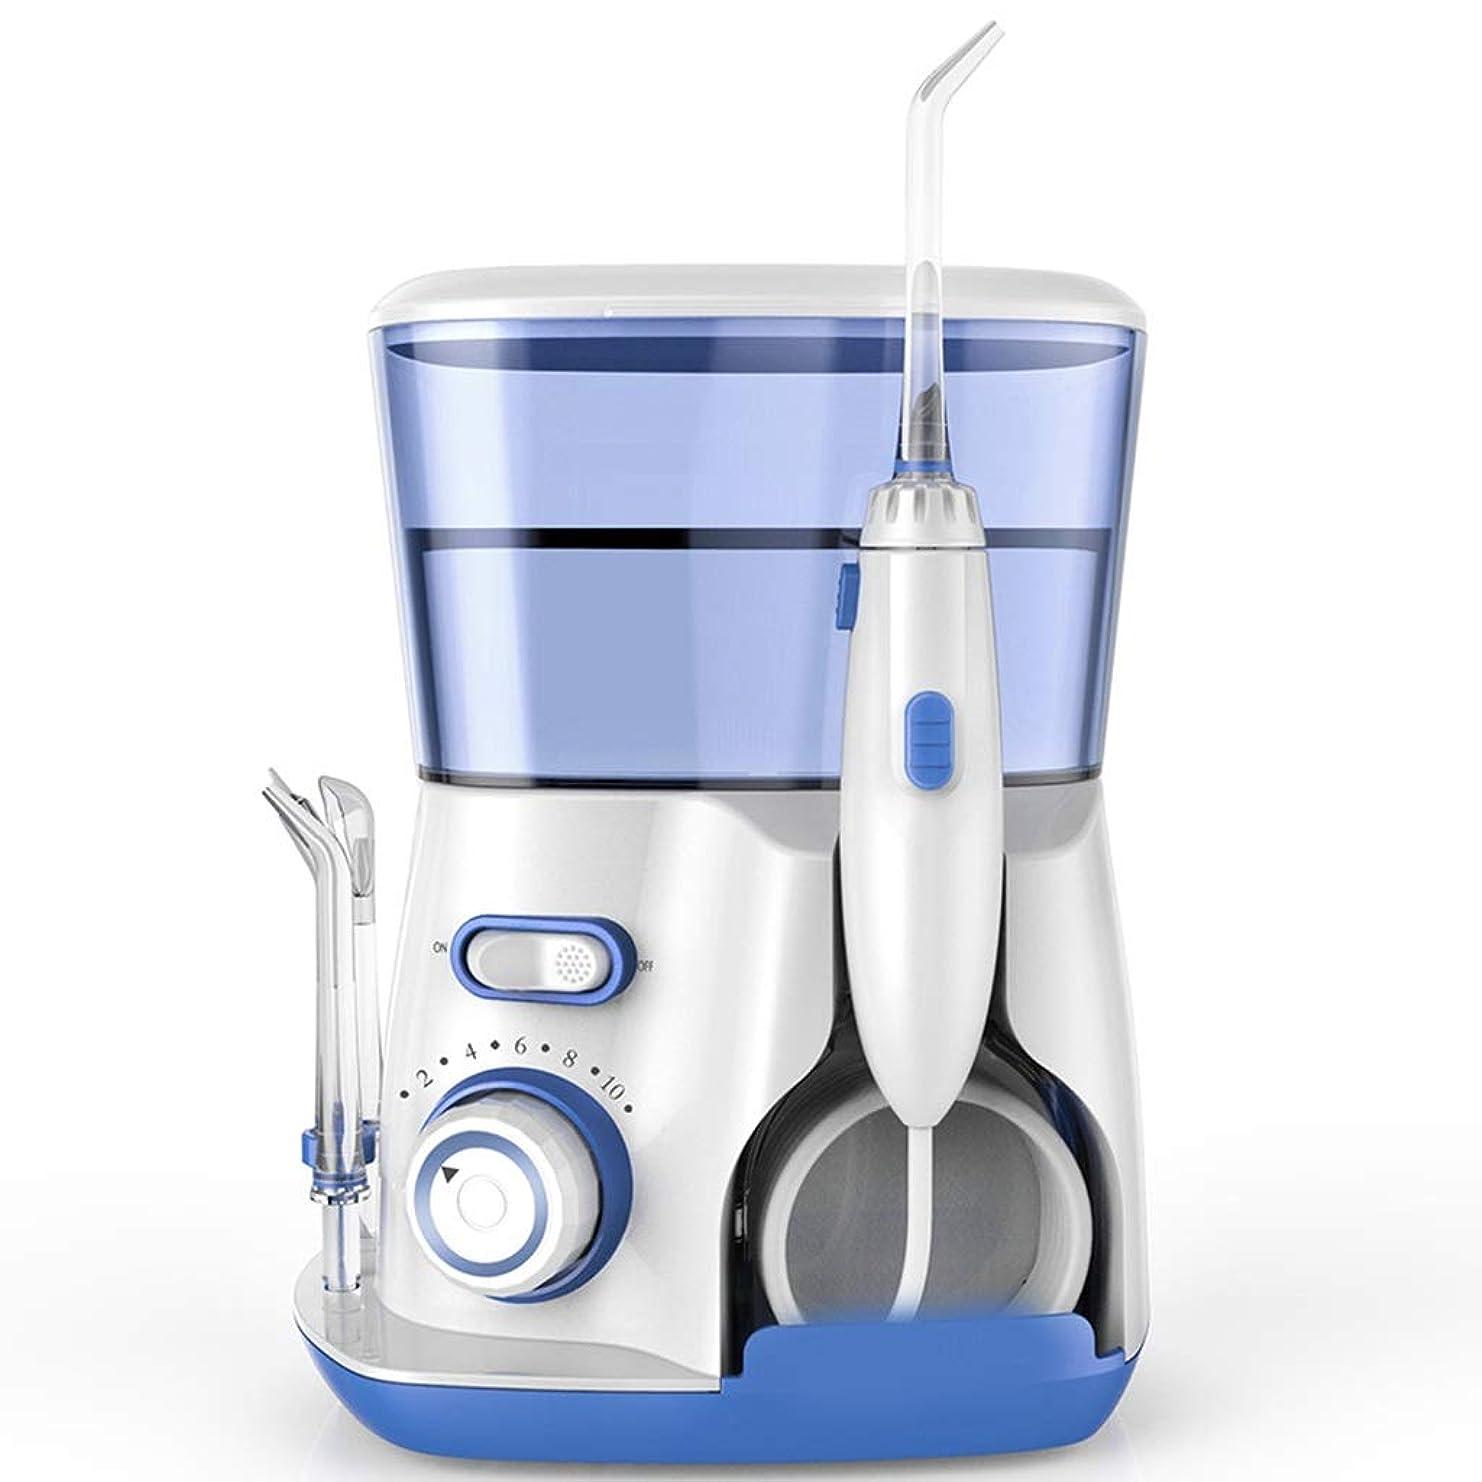 実行学習かもしれないプロのコードレス歯科用口腔洗浄器 - ポータブルおよび充電式IPX7は、家庭用および旅行用の洗浄可能な水タンクで3モードのフロスを防水、ブレース、ブリッジのお手入れ (Color : Blue)